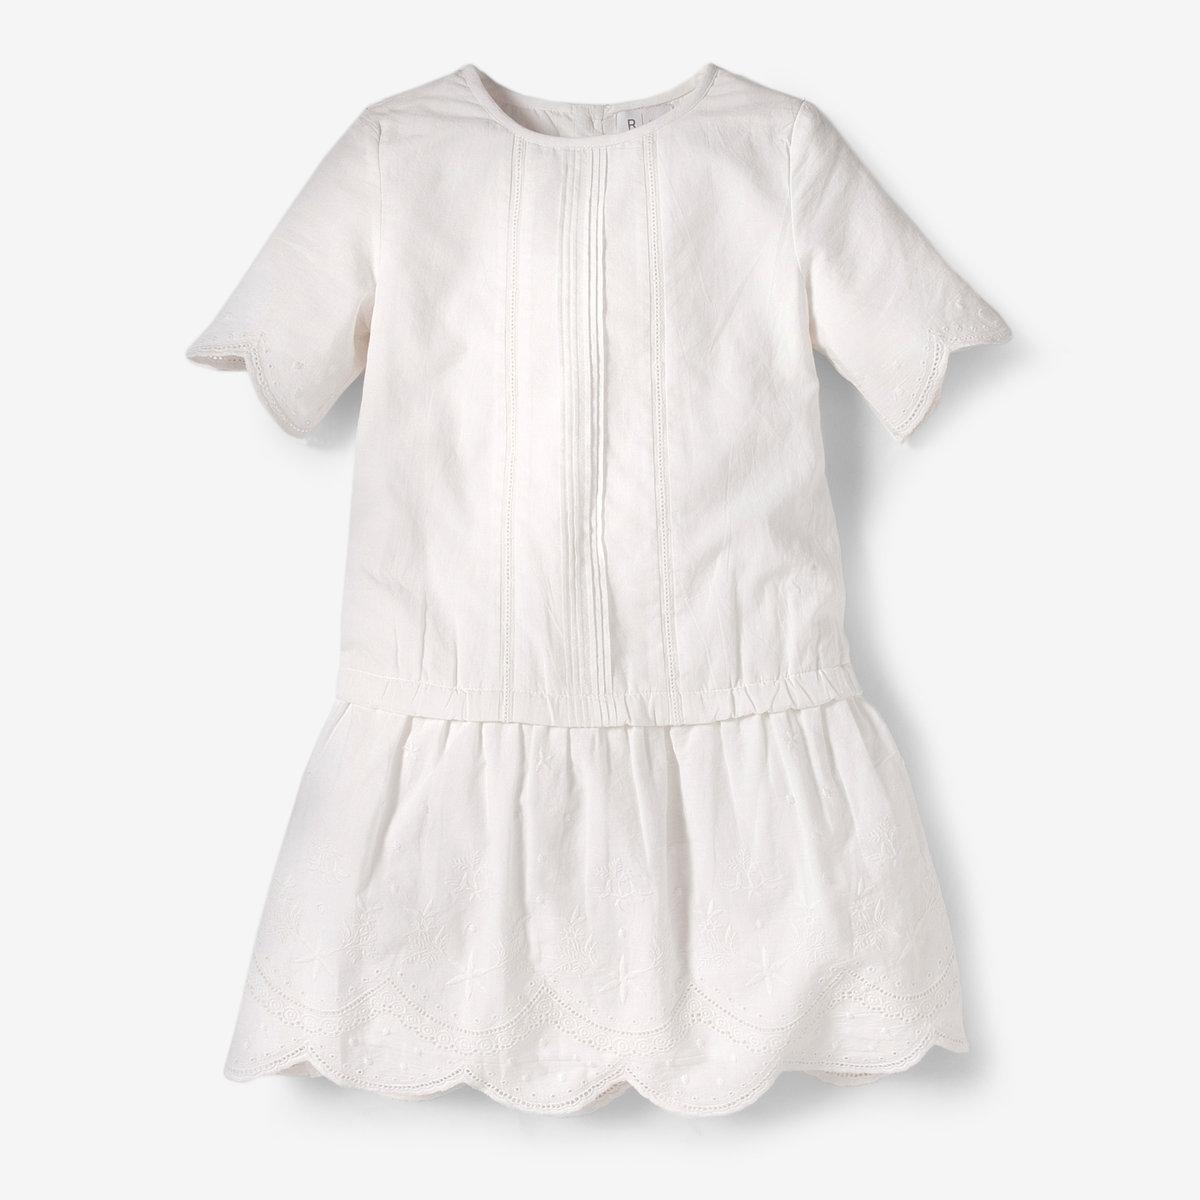 Платье из кружева с вышивкой, 3-12 летПлатье из кружева с короткими рукавами. Круглый вырез. Складки спереди. Низ и края рукавов с вышивкой. Застежка на пуговицы сзади. Полностью на подкладке из 100% хлопка. Состав и описание: Материал: кружево 100% хлопкаУход:Машинная стирка при 40°С с вещами схожих цветов.Стирать, сушить и гладить с изнаночной стороны.Машинная сушка в обычном режиме.Гладить при средней температуре.<br><br>Цвет: розовый<br>Размер: 12 лет -150 см